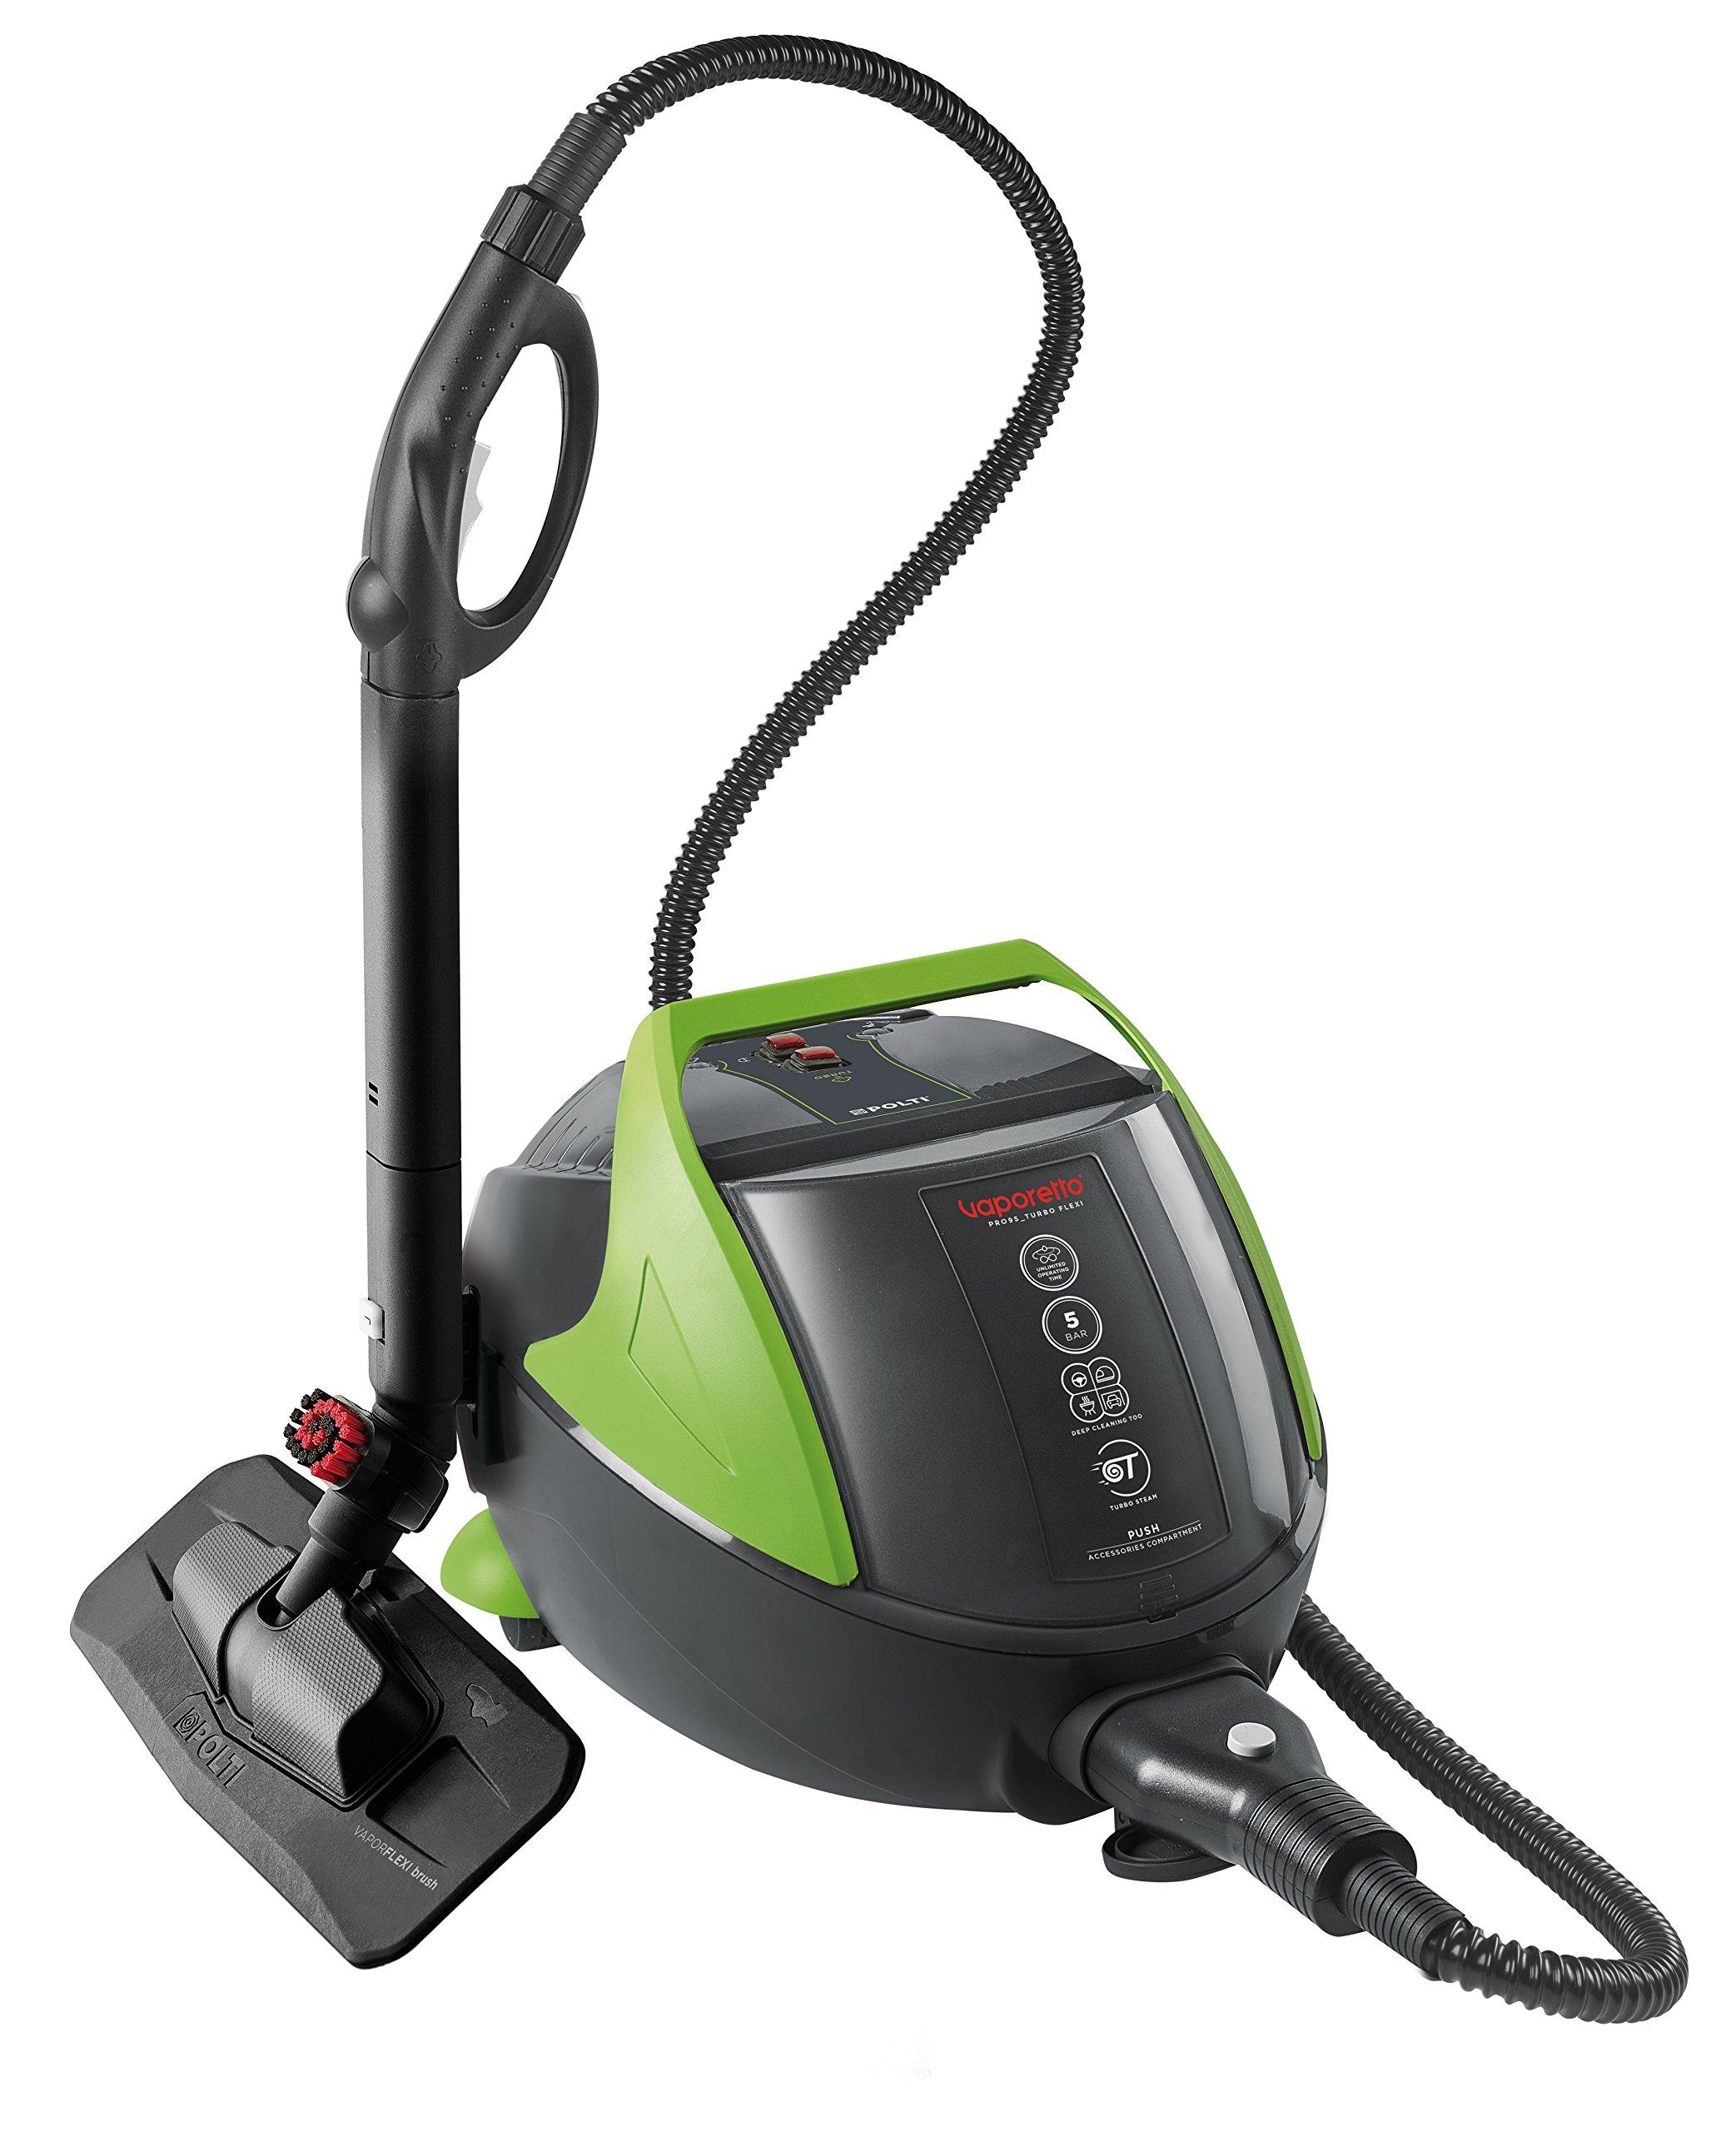 Vaporetto-PRO-95-Flexi-Dampfreinigungsgert-mit-5-BAR-stndig-nachfllbar-Wassertankkapazitt-13-L-und-Turbo-Funktion-1100-Watt-regulierbarer-Dampf-13-liters-Schwarzgrn